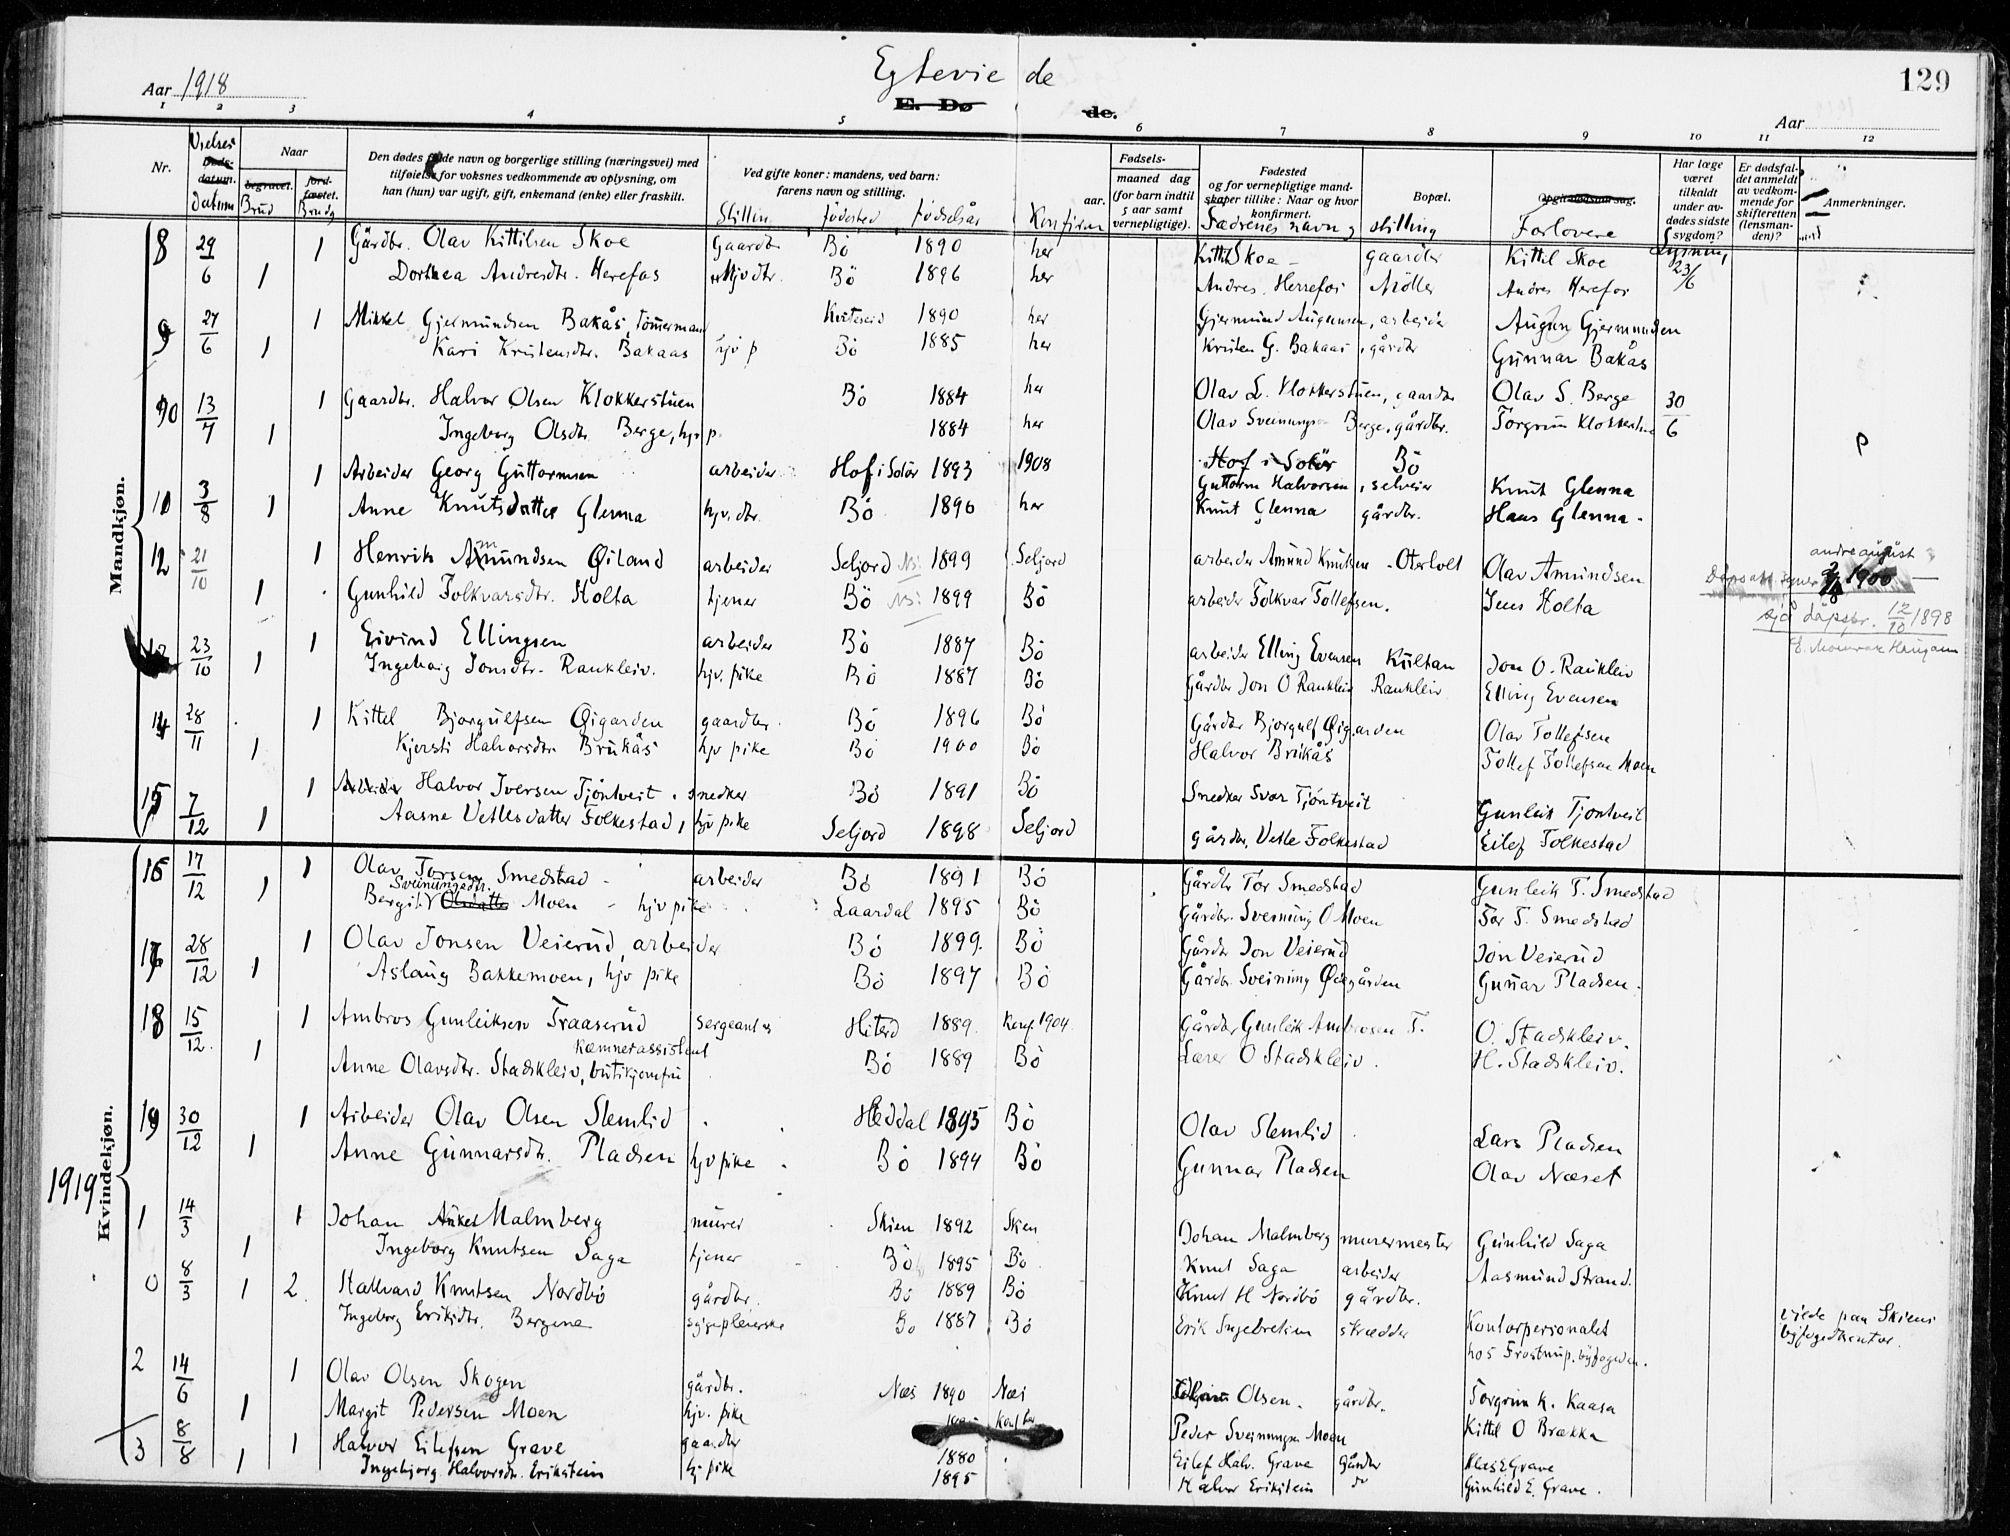 SAKO, Bø kirkebøker, F/Fa/L0013: Ministerialbok nr. 13, 1909-1921, s. 129